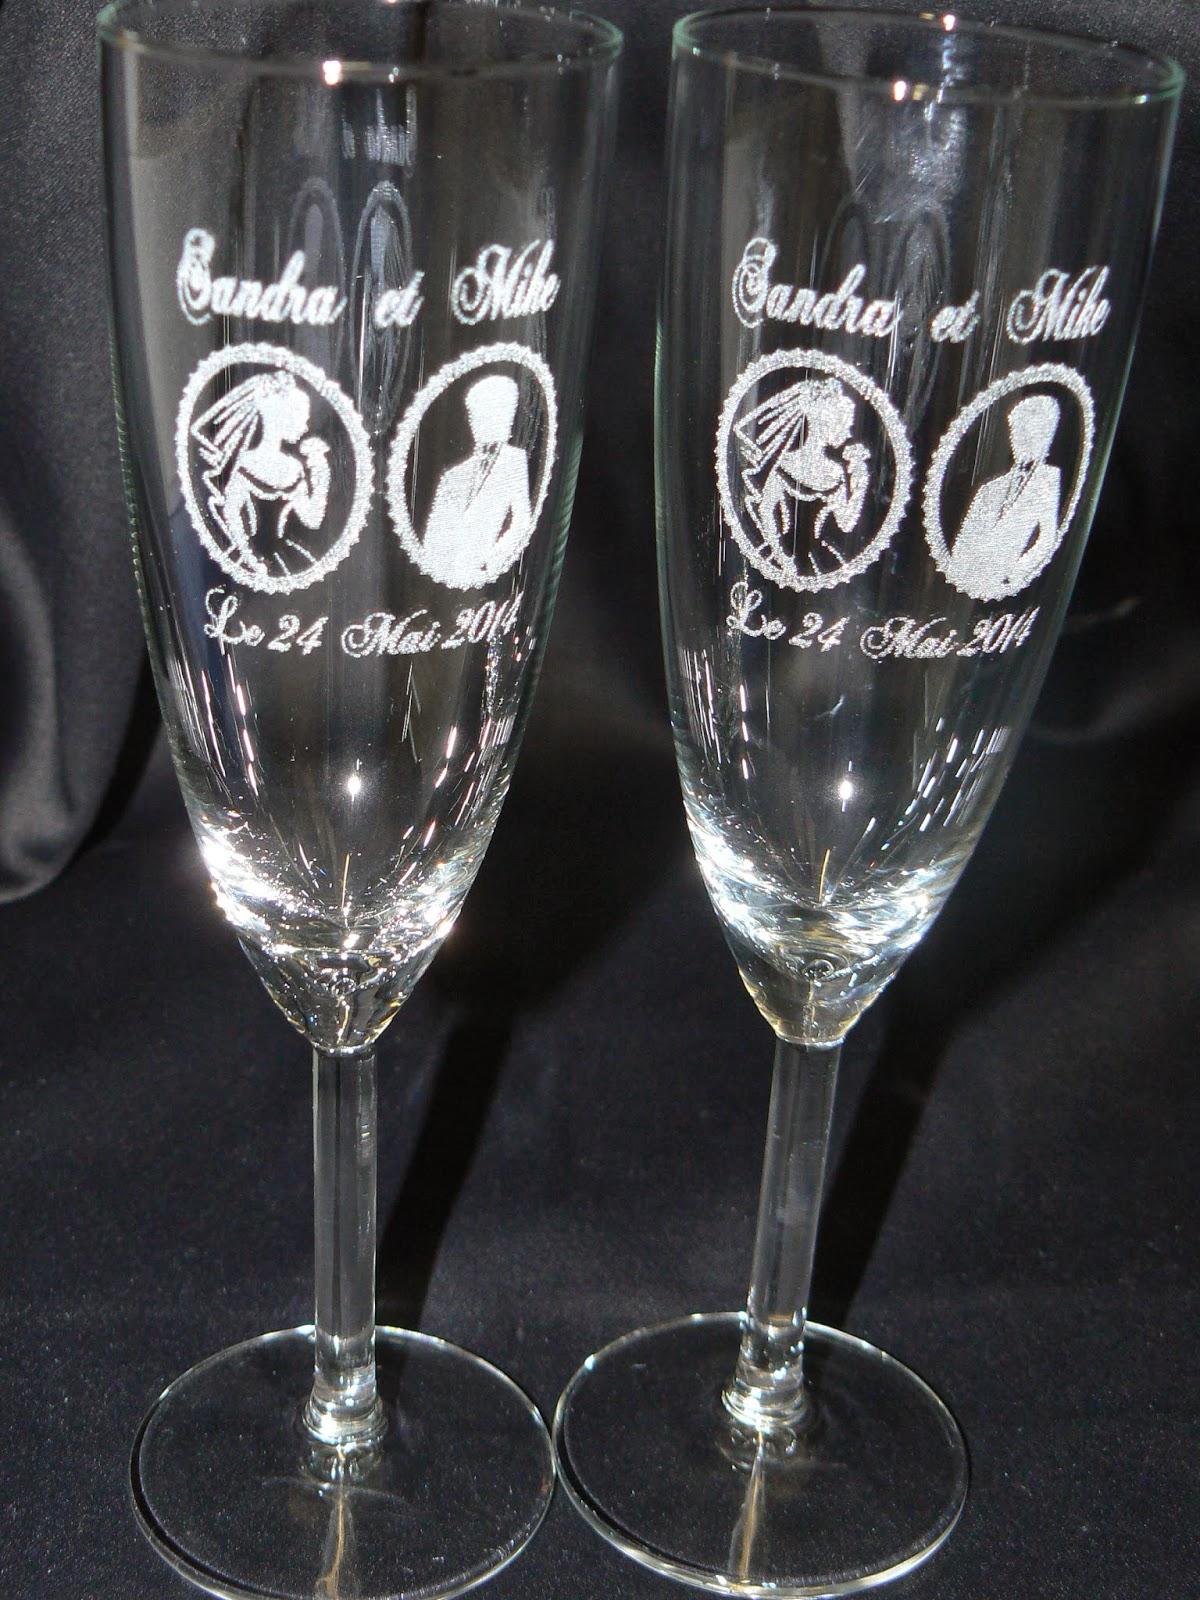 wwwgravure sur verre mariage baptemecom - Gravure Sur Verre Mariage Bapteme